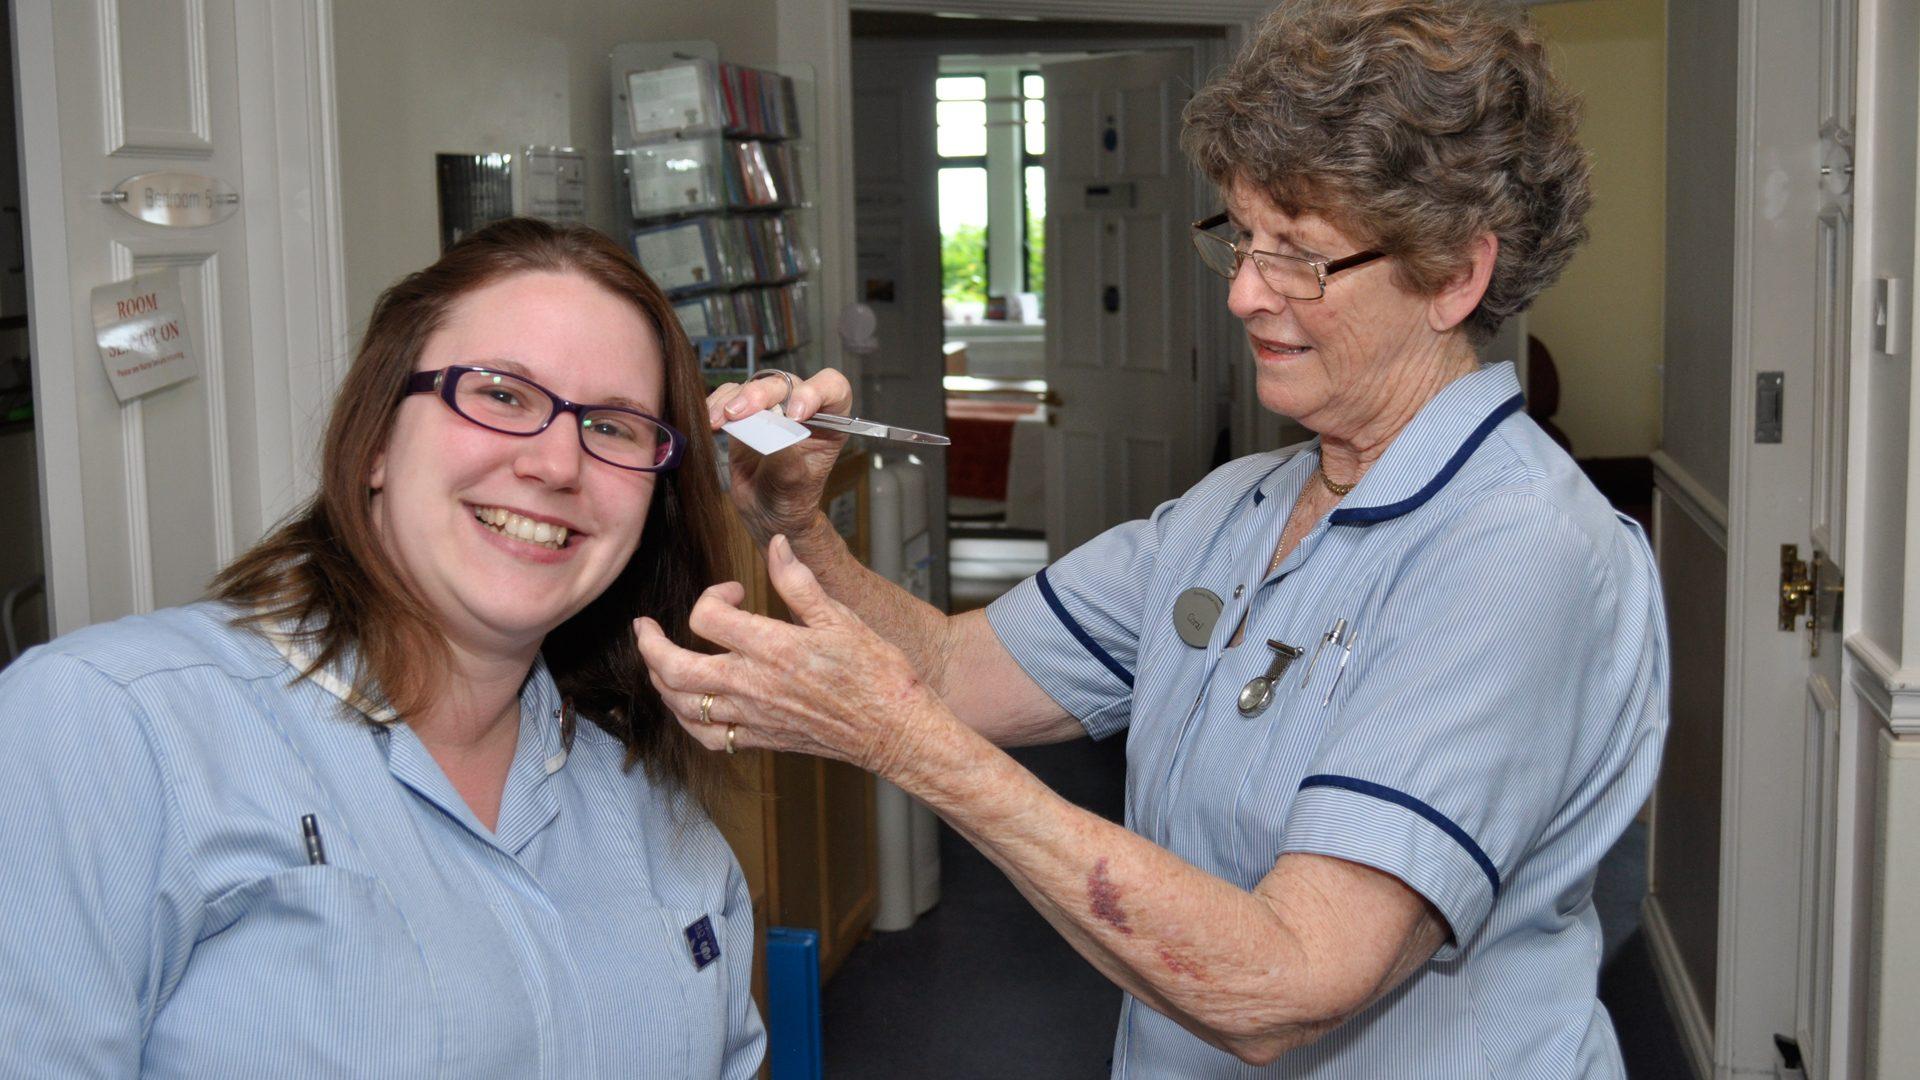 Nurse cutting hair